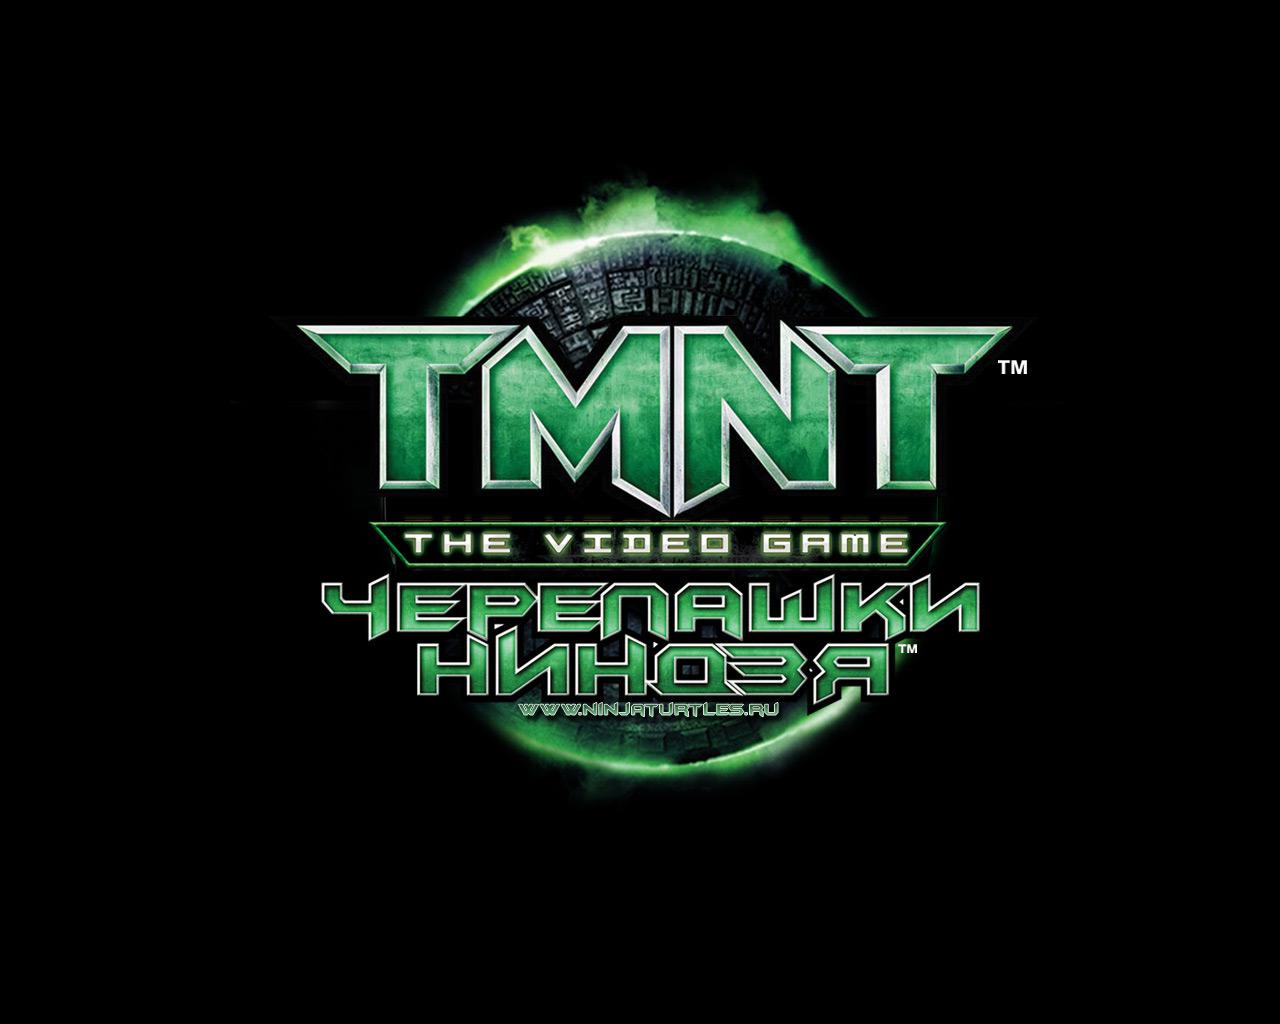 TMNT 2007 wallpaper (81)